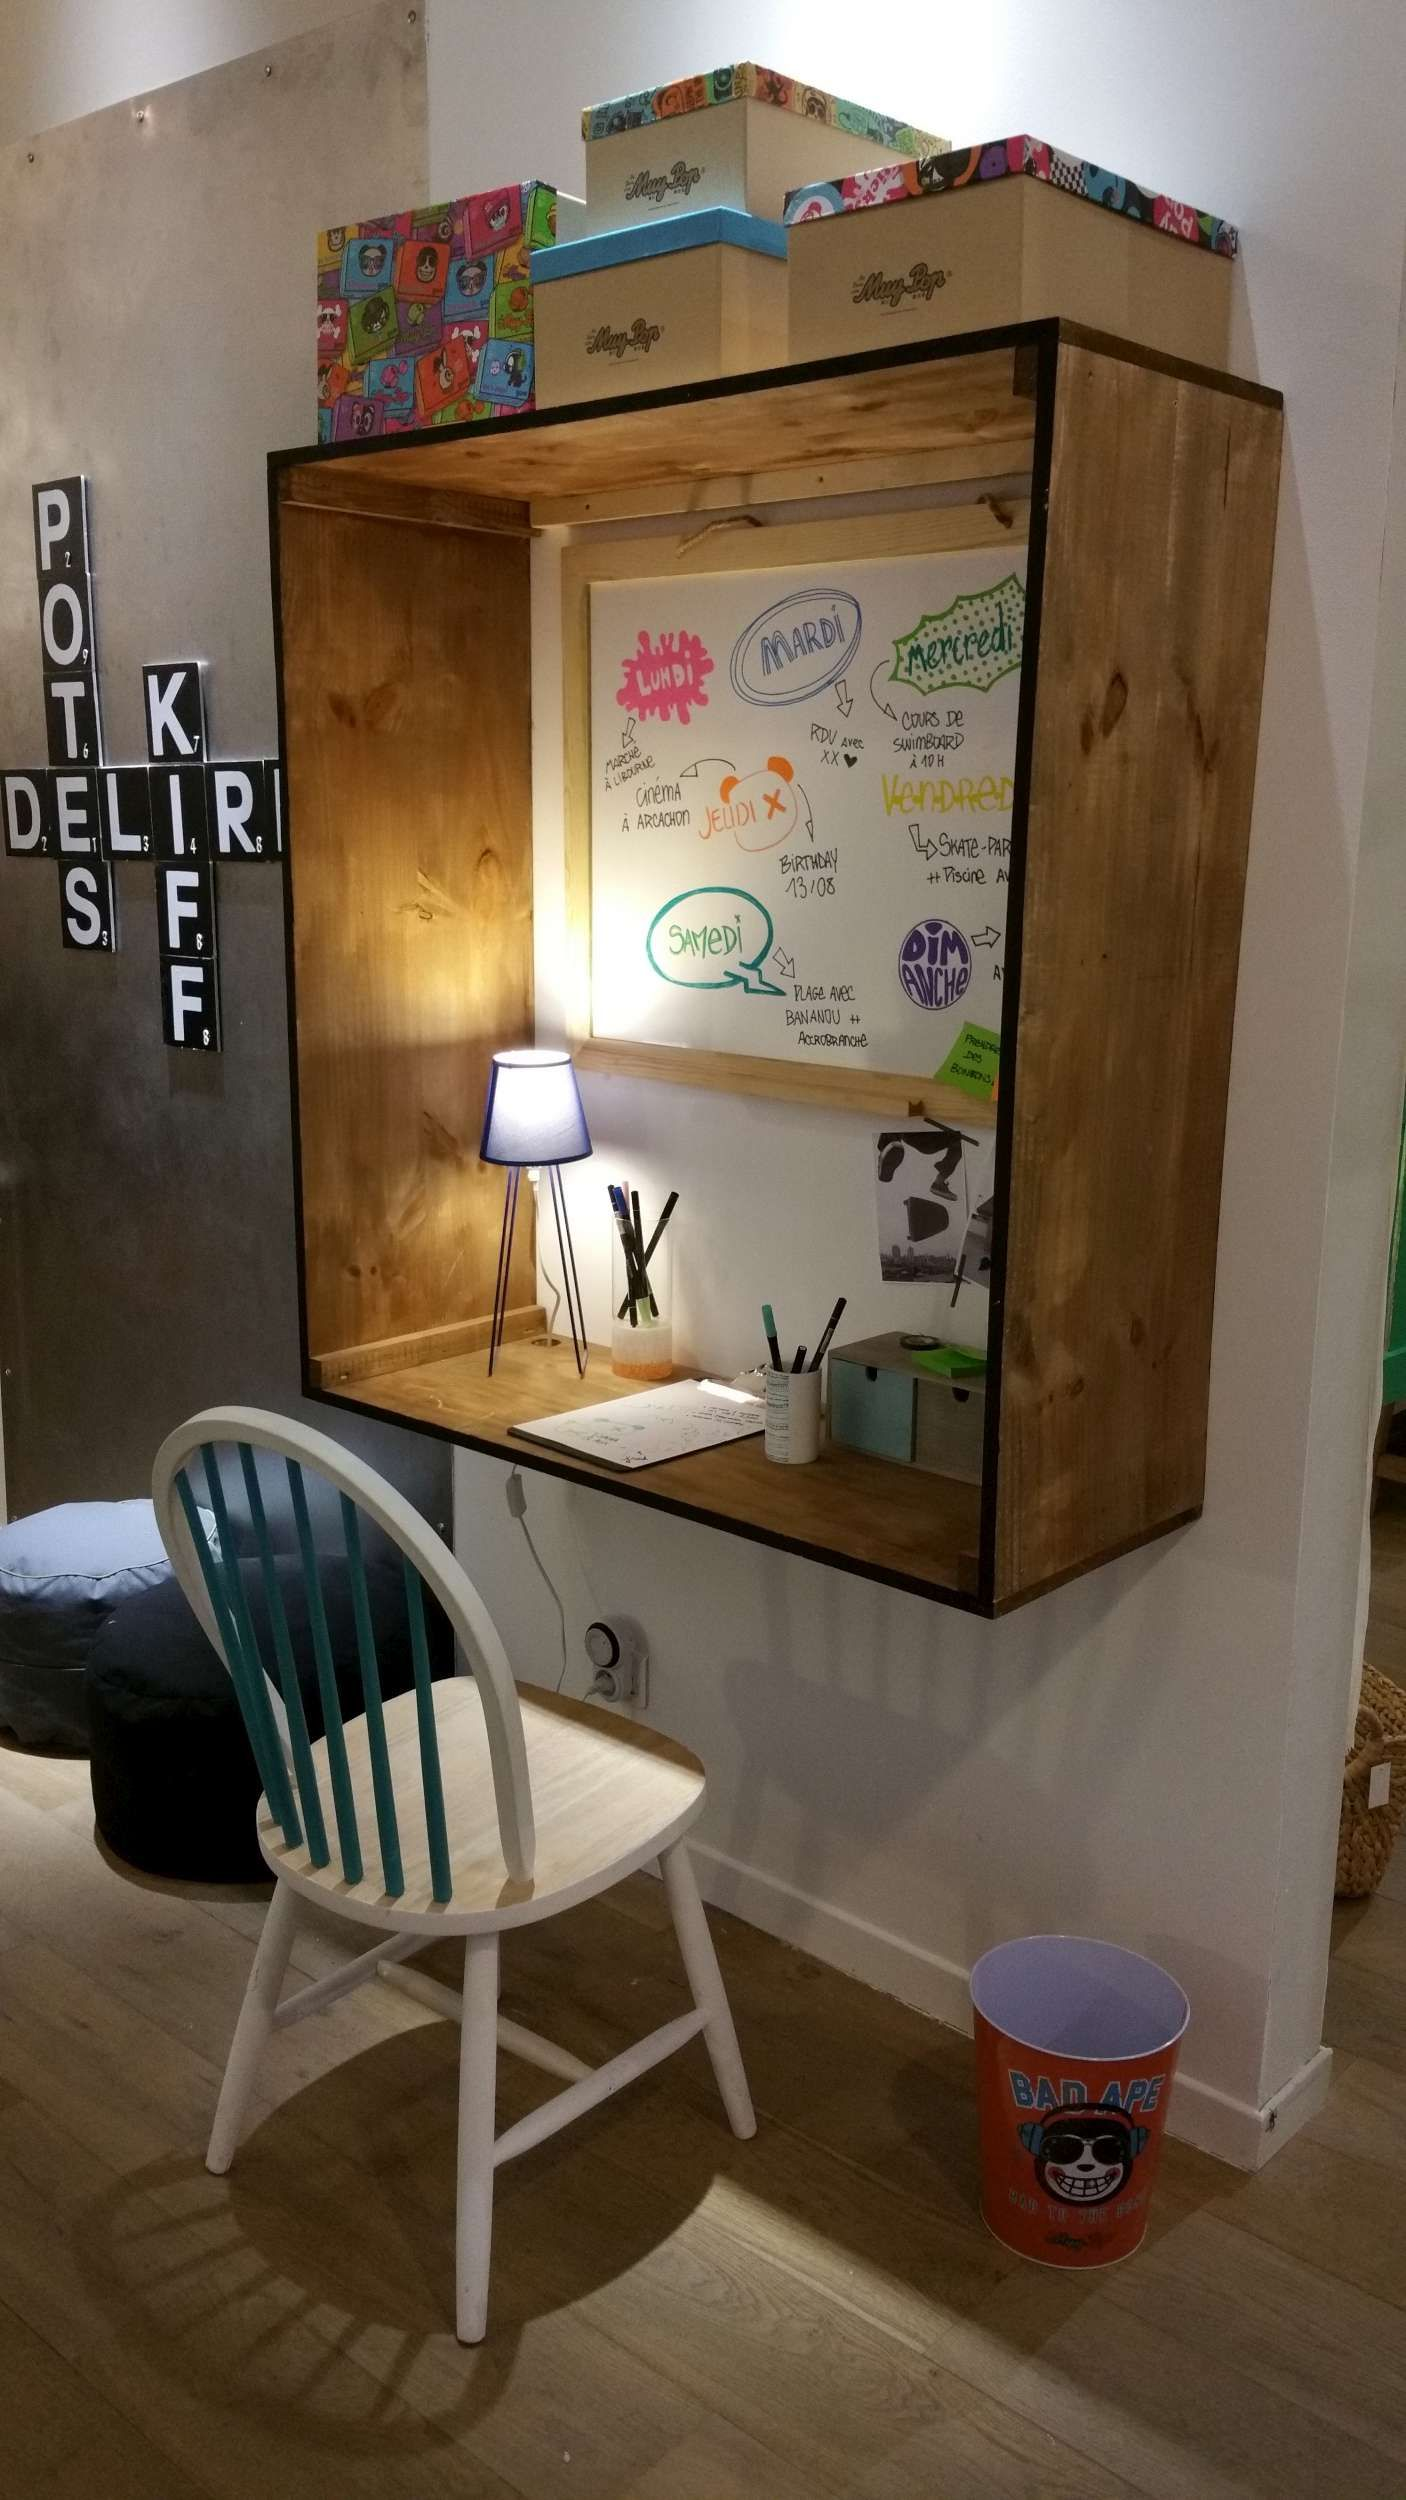 La Chambre De Sacha Zodio Bordeaux Avec Images Deco Chambre Enfant Deco Interieure Zodio Bordeaux